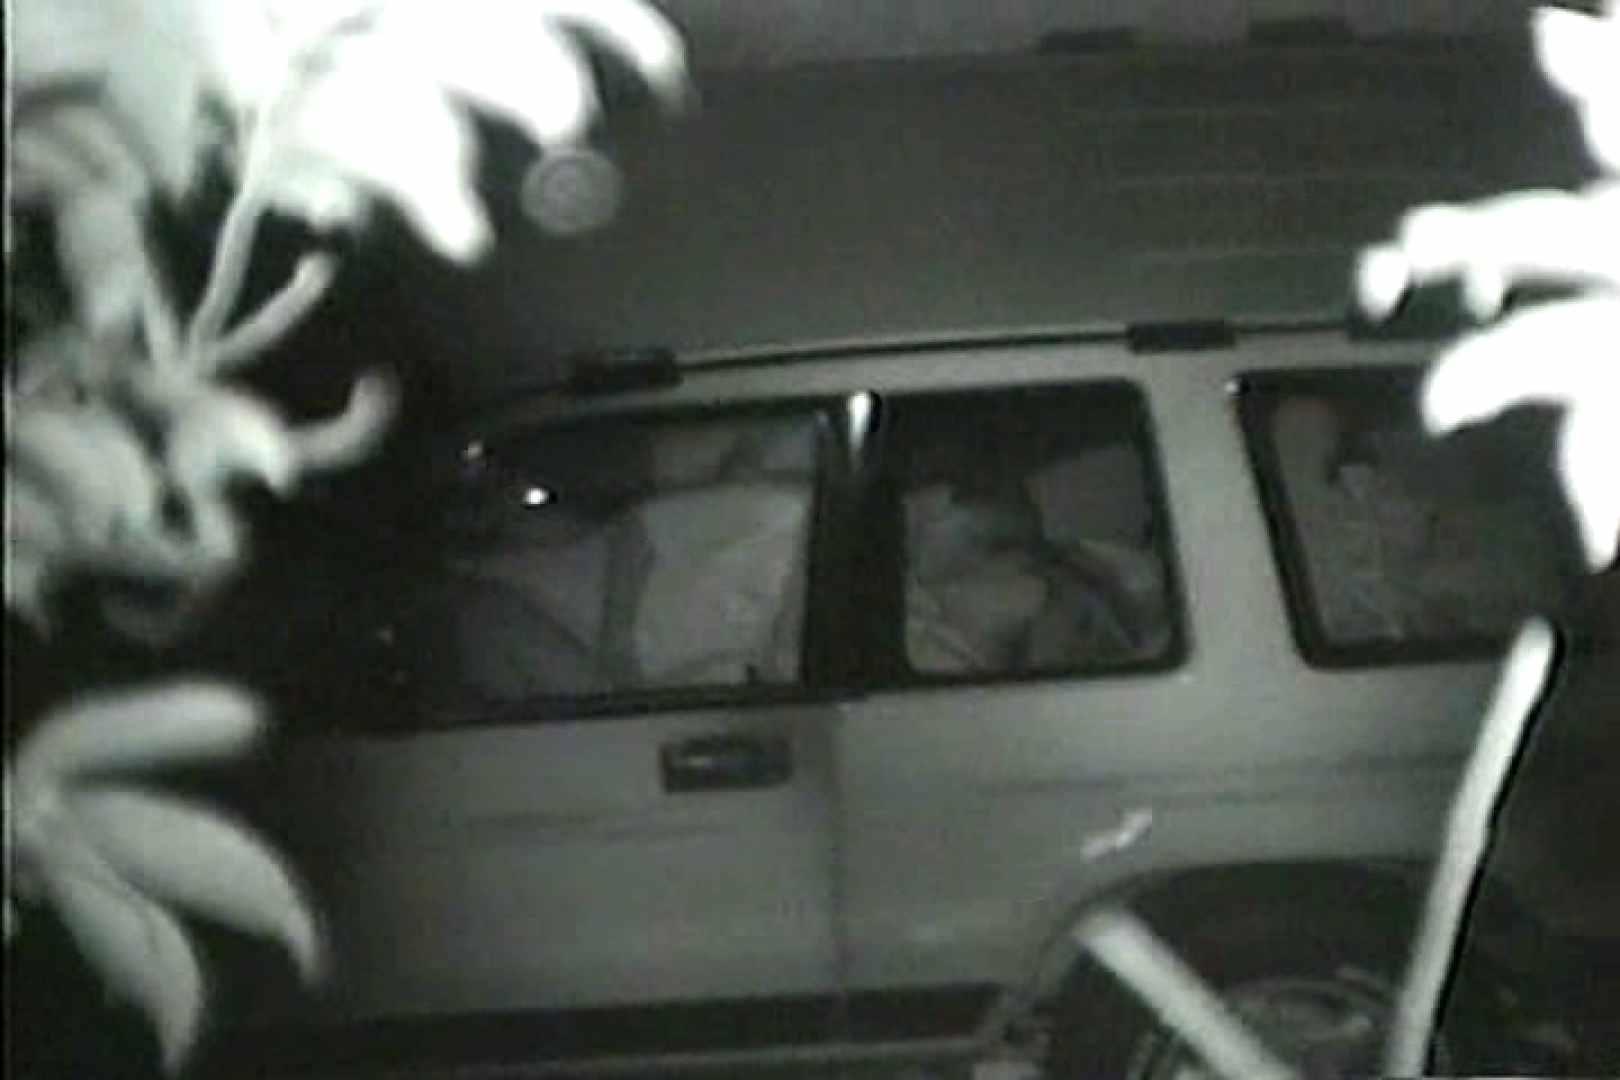 車の中はラブホテル 無修正版  Vol.10 望遠 盗撮おまんこ無修正動画無料 33pic 6